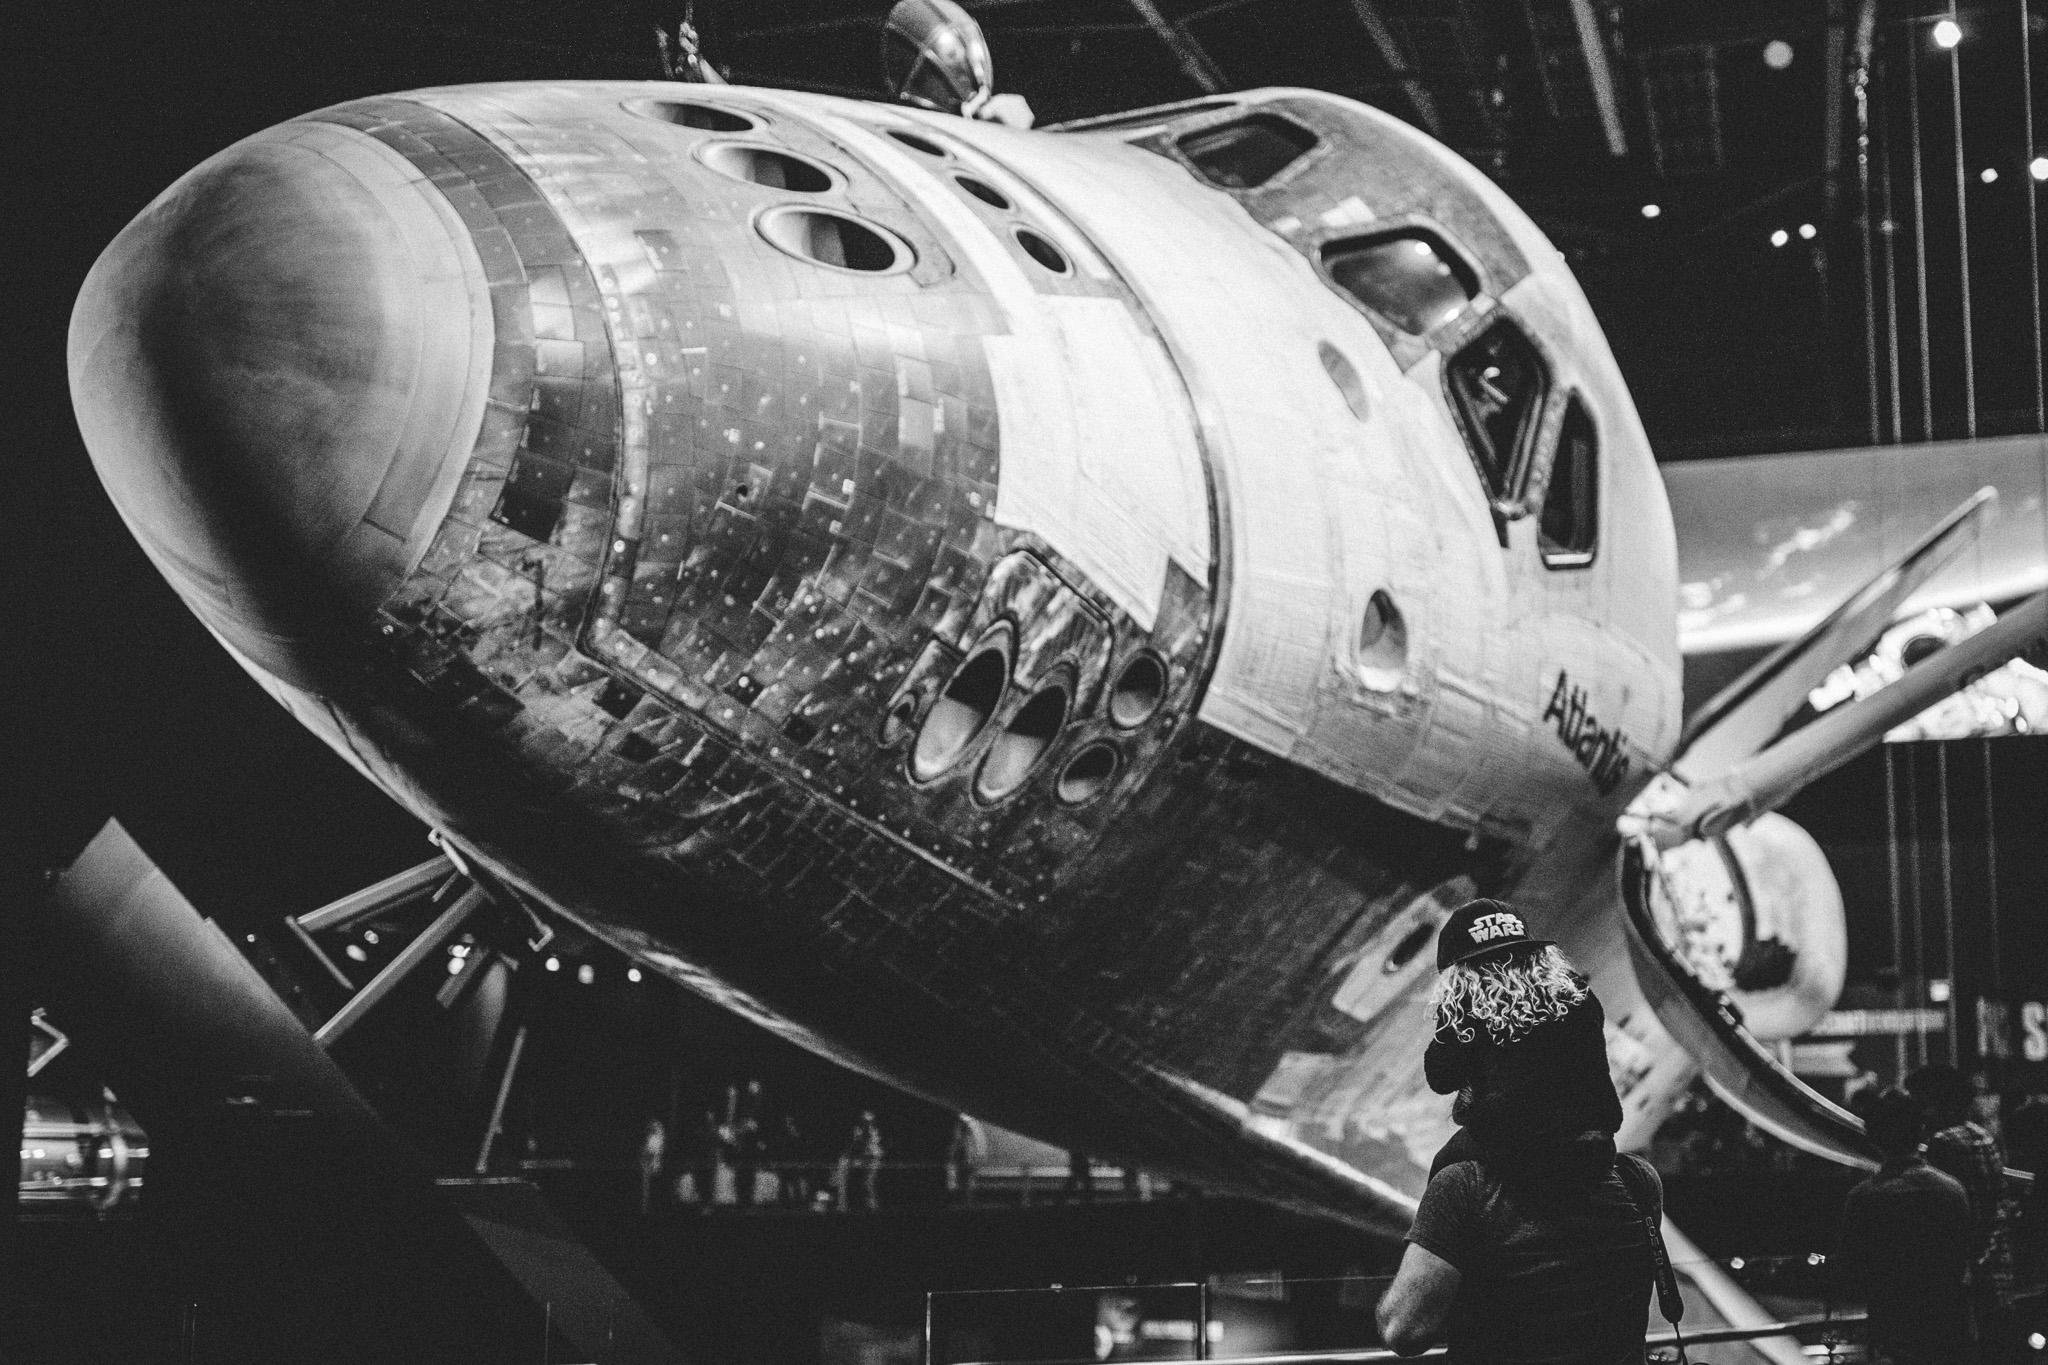 space shuttle atlantis family